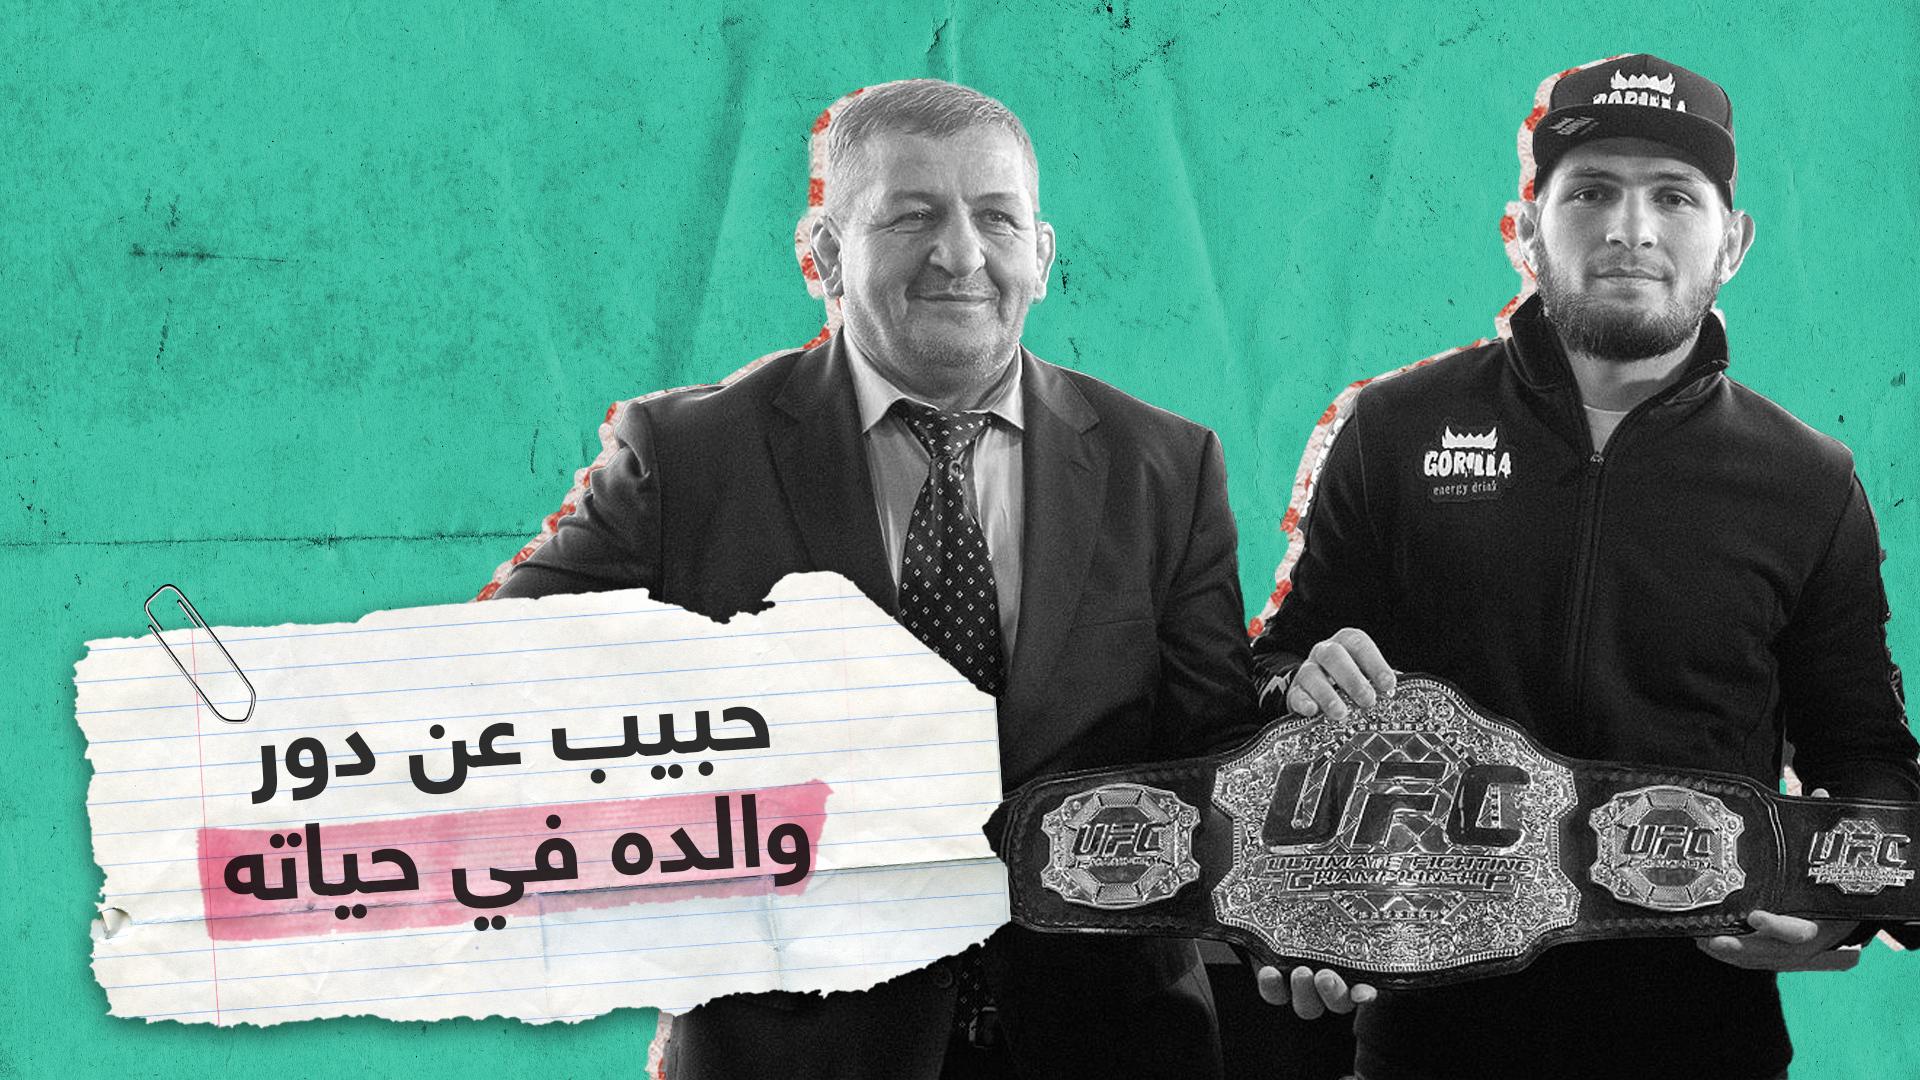 حبيب نور محمدوف يتحدث عن دور والده في حياته